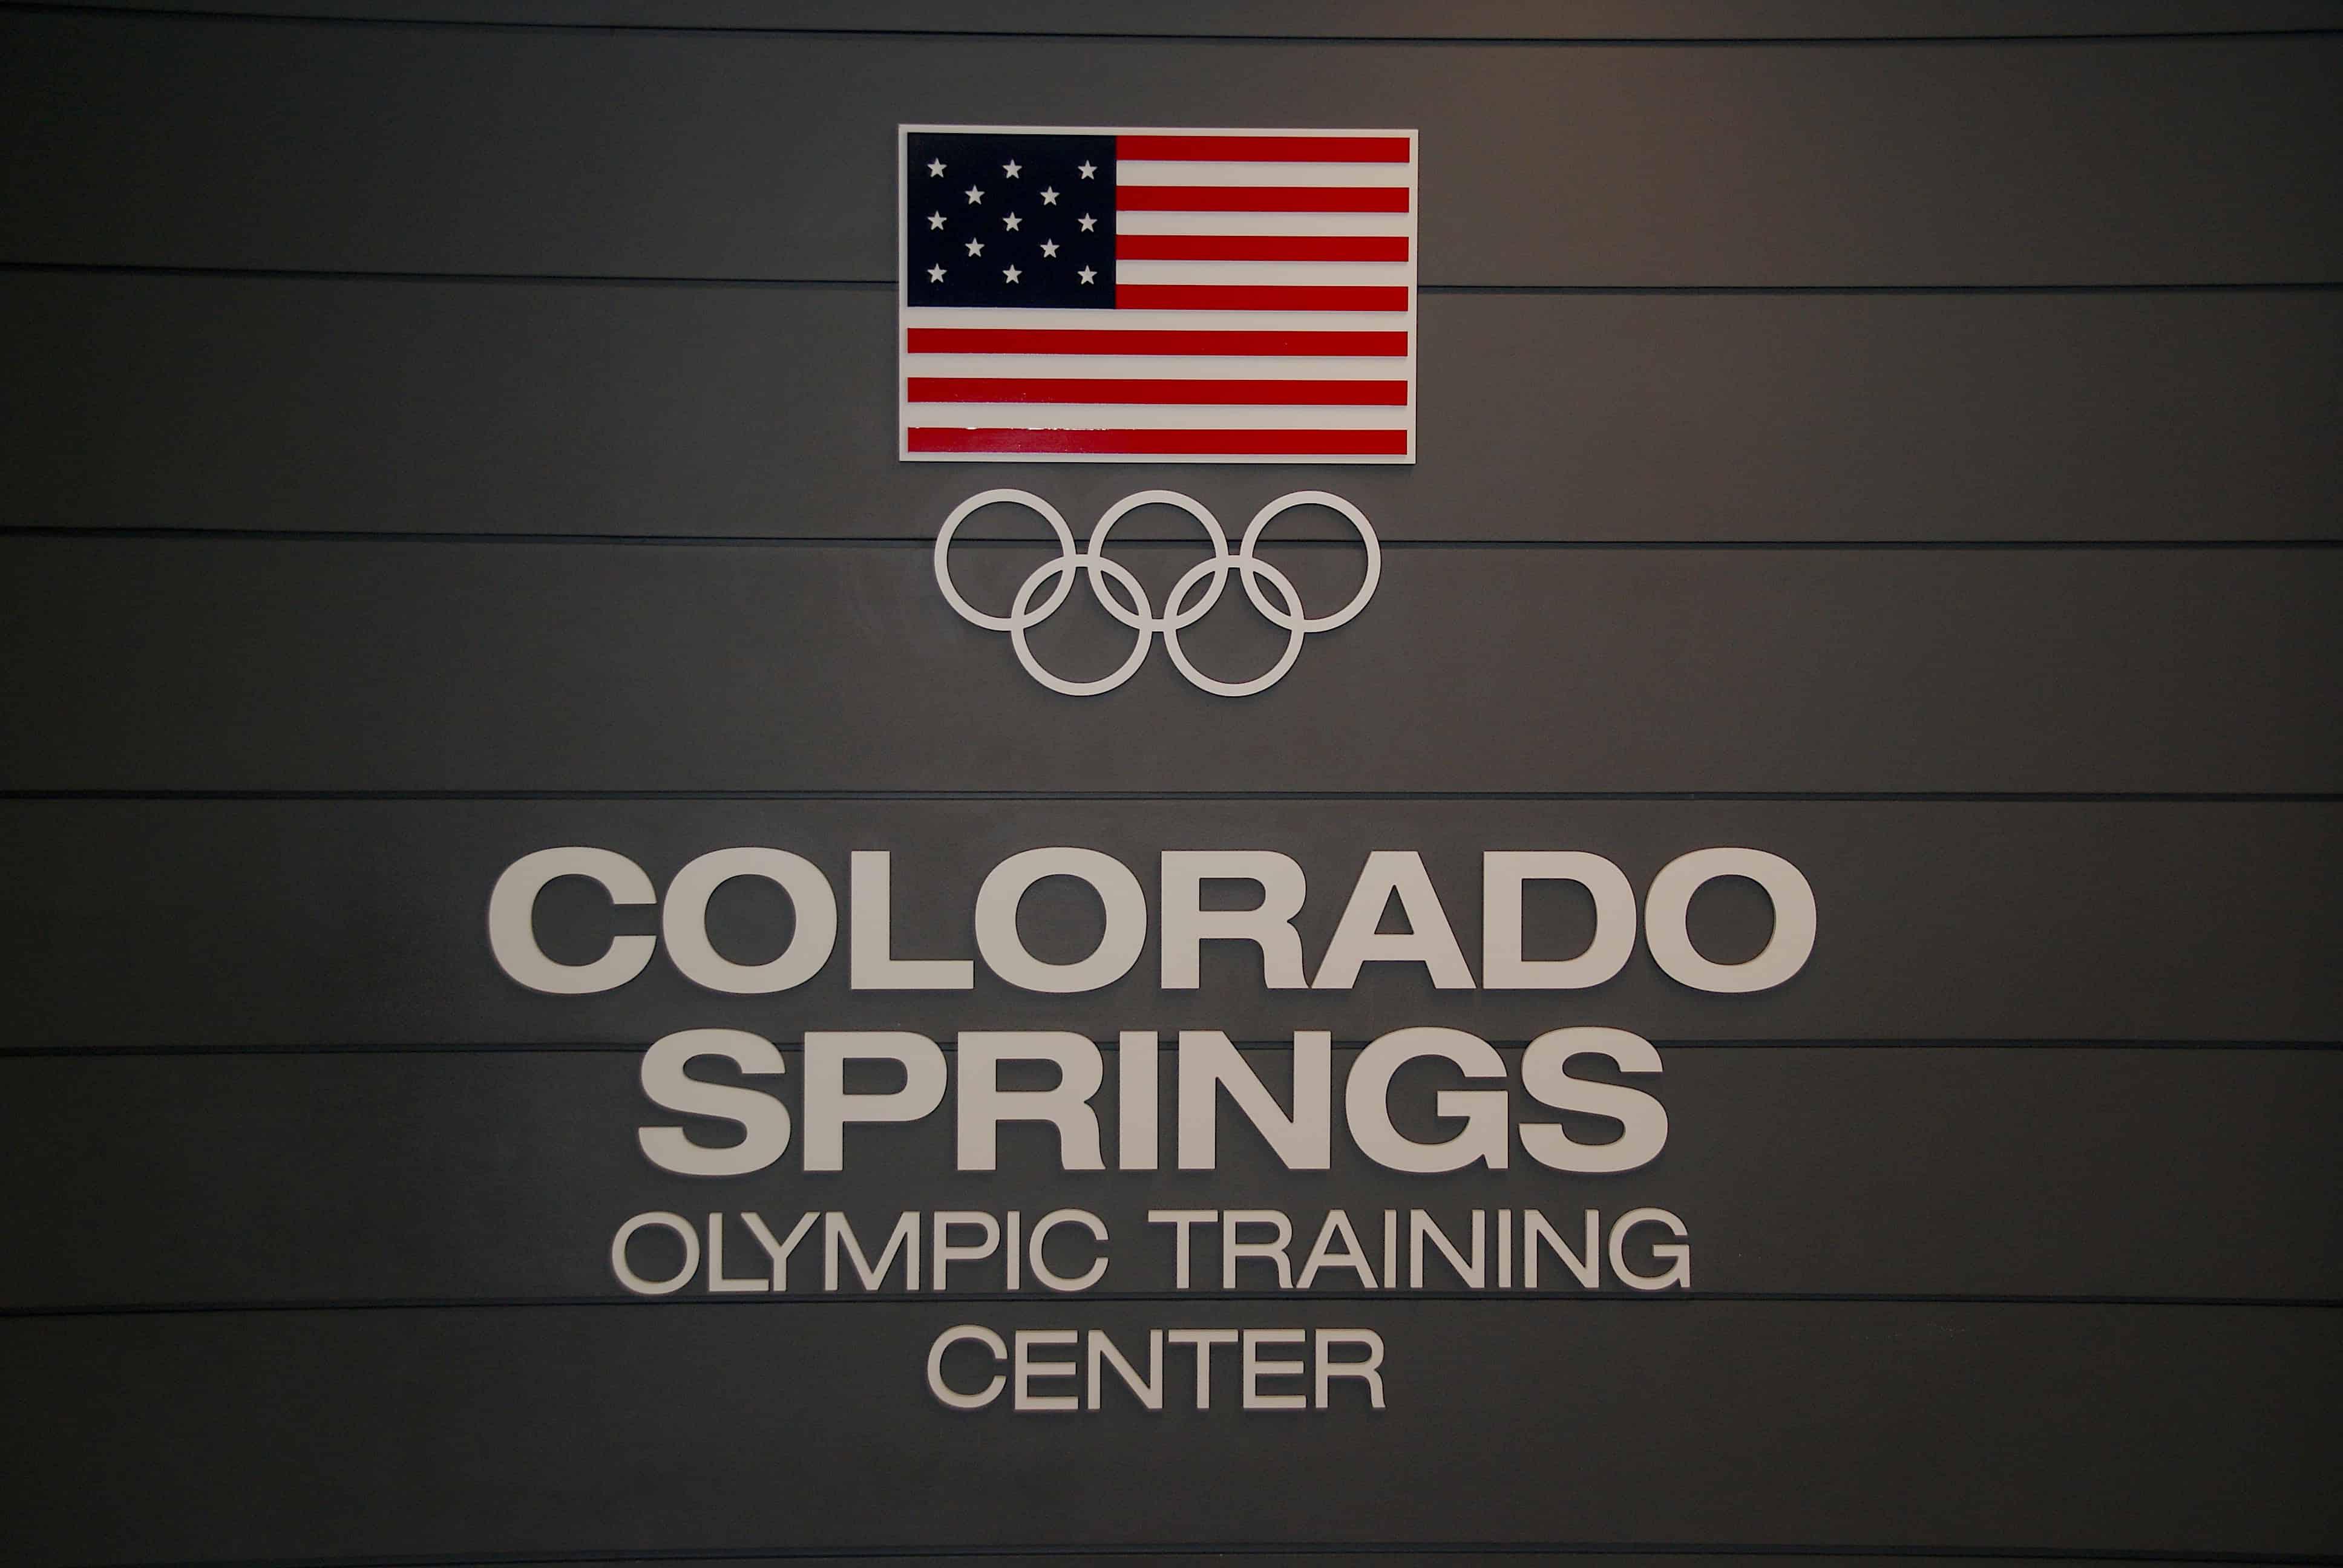 Colorado Springs Olympic Training Center